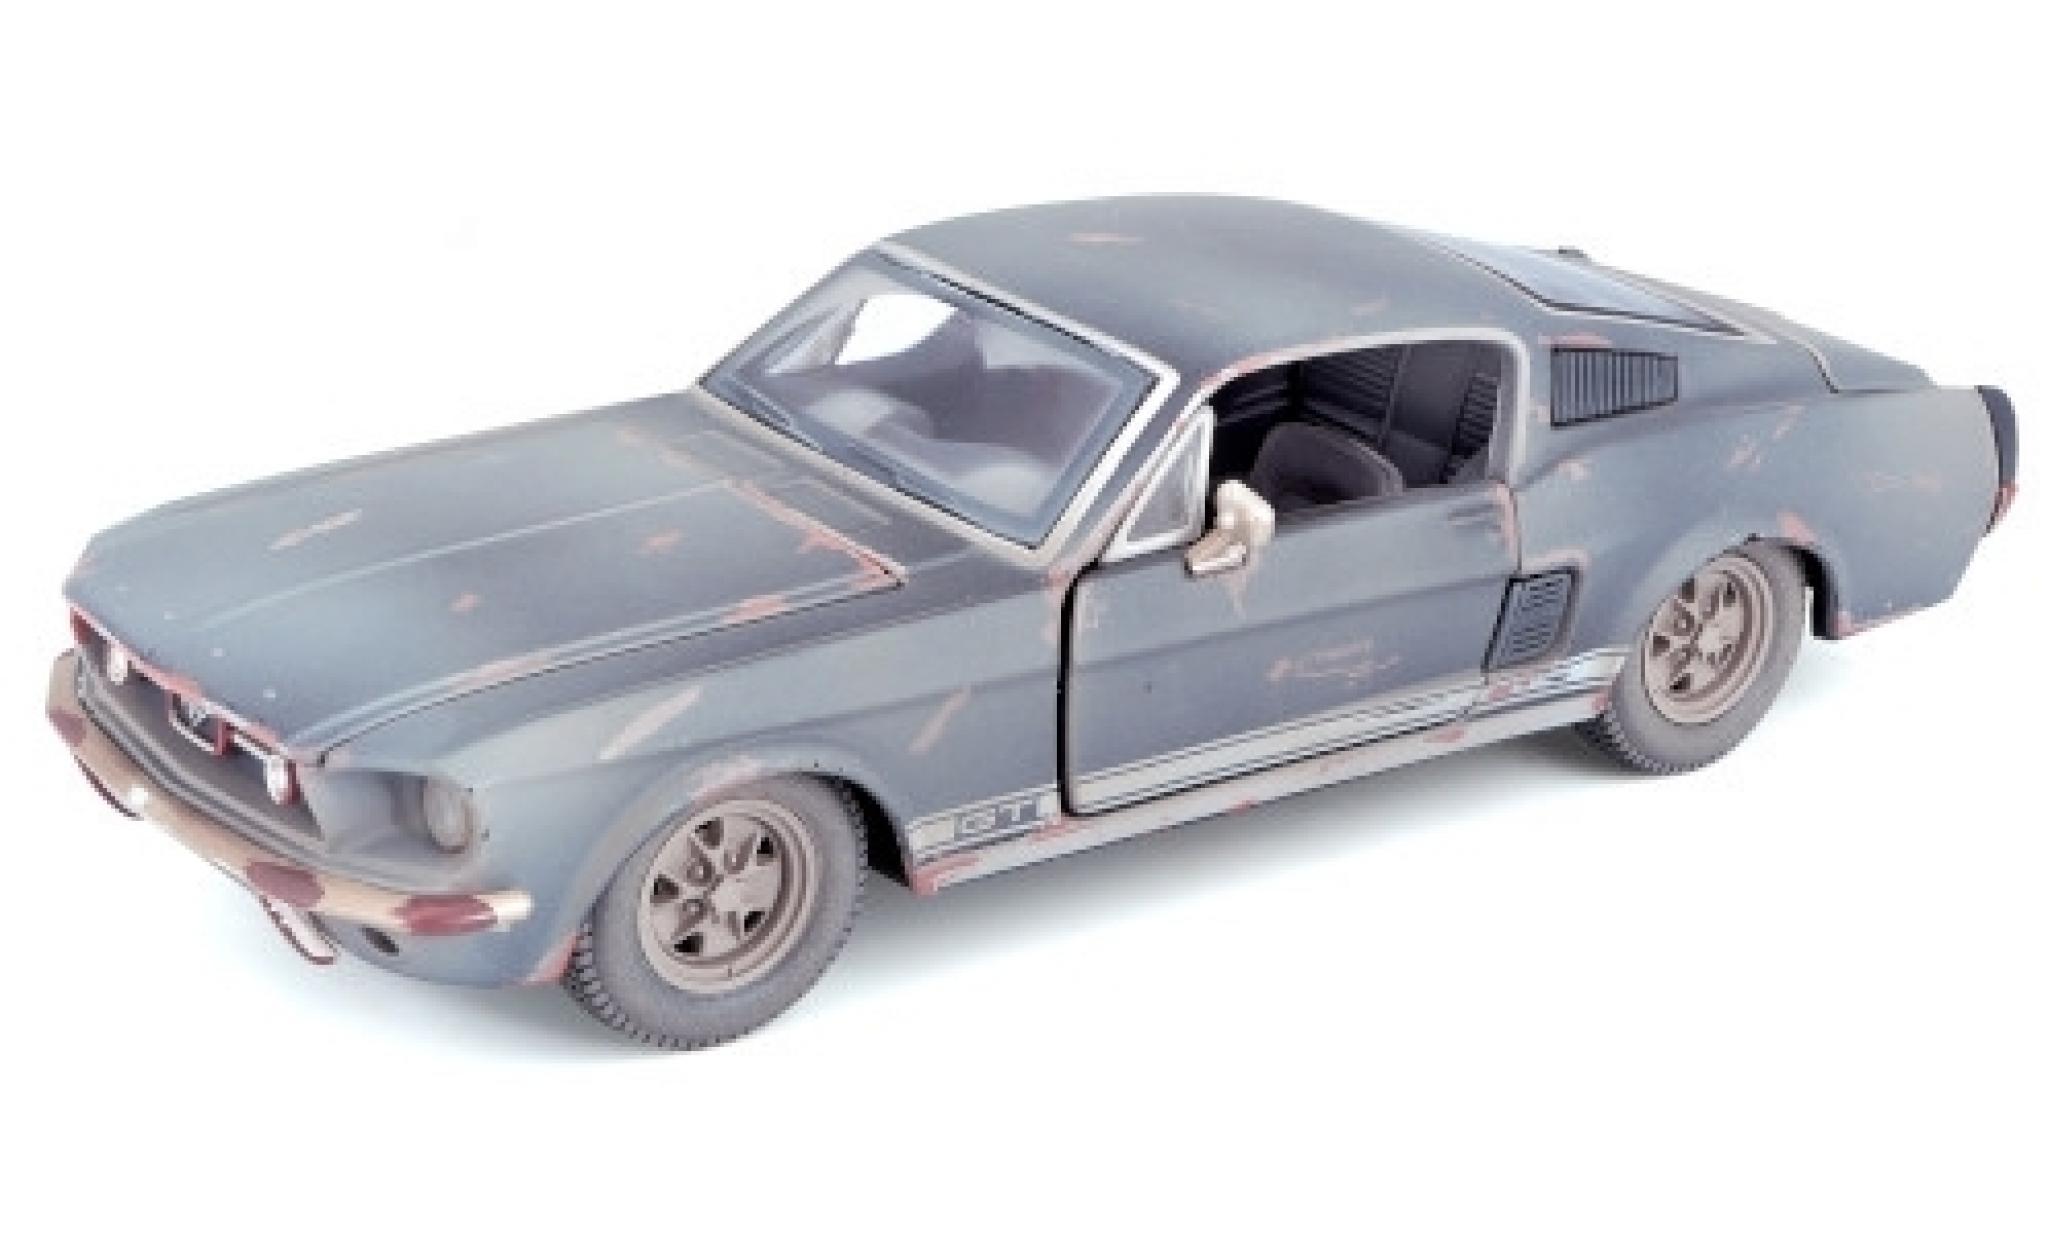 Ford Mustang 1/24 Maisto GT Fastback black 1967 trouvaille de grange avec traces de vieilissement